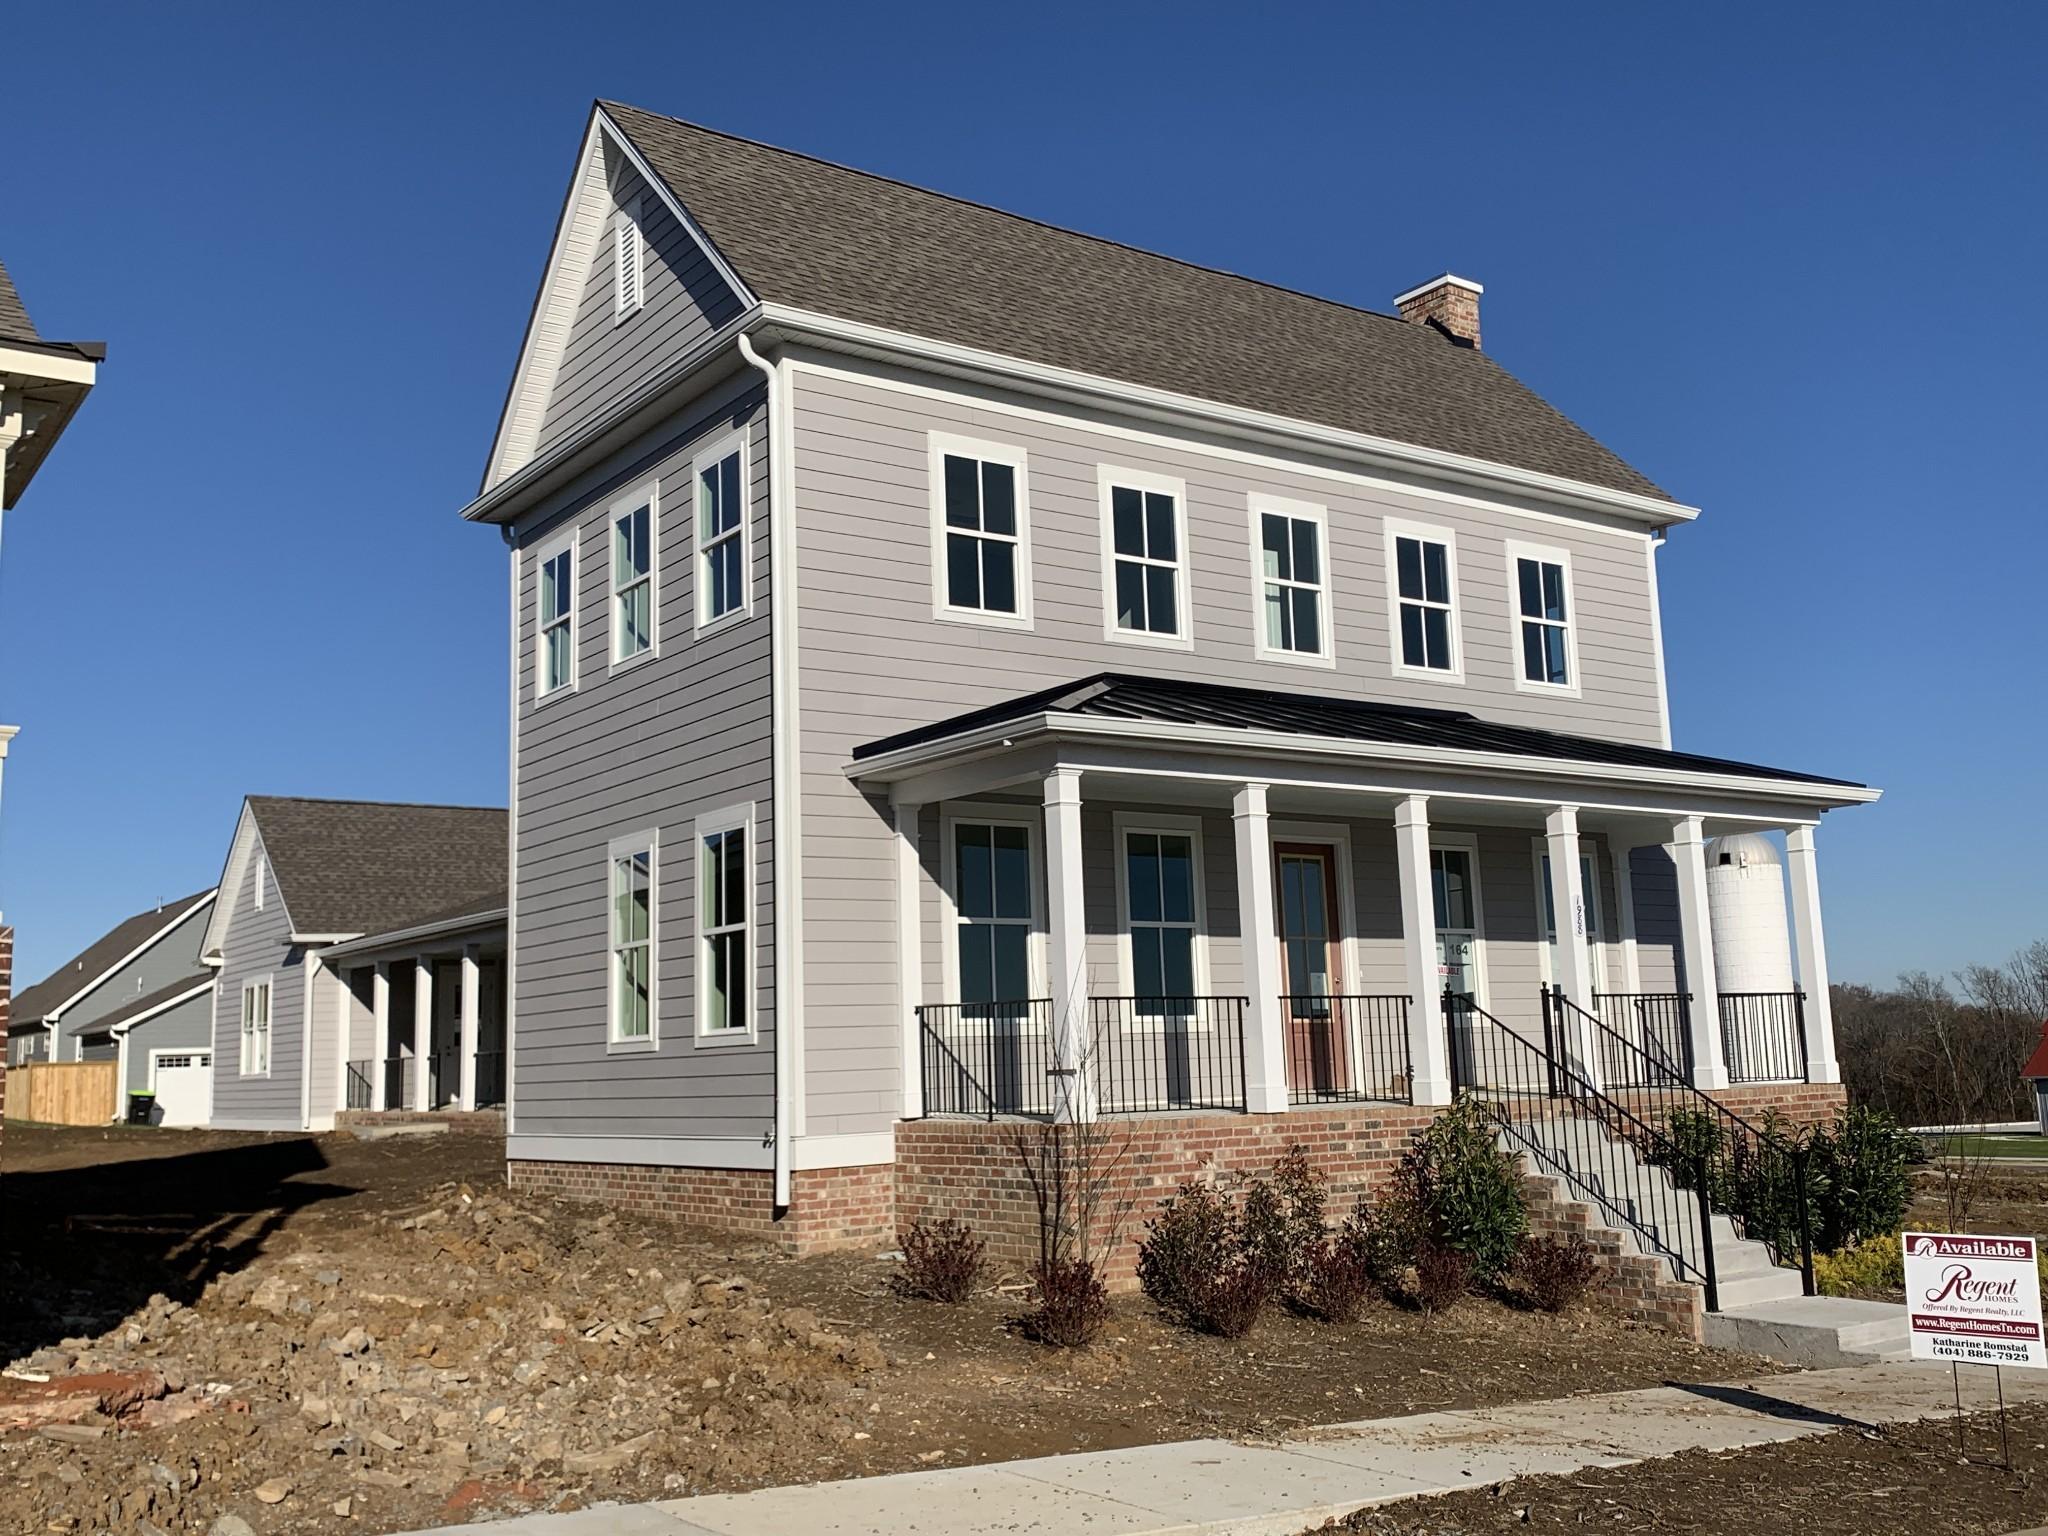 1988 Carothers Rd. #164, Nolensville, TN 37135 - Nolensville, TN real estate listing